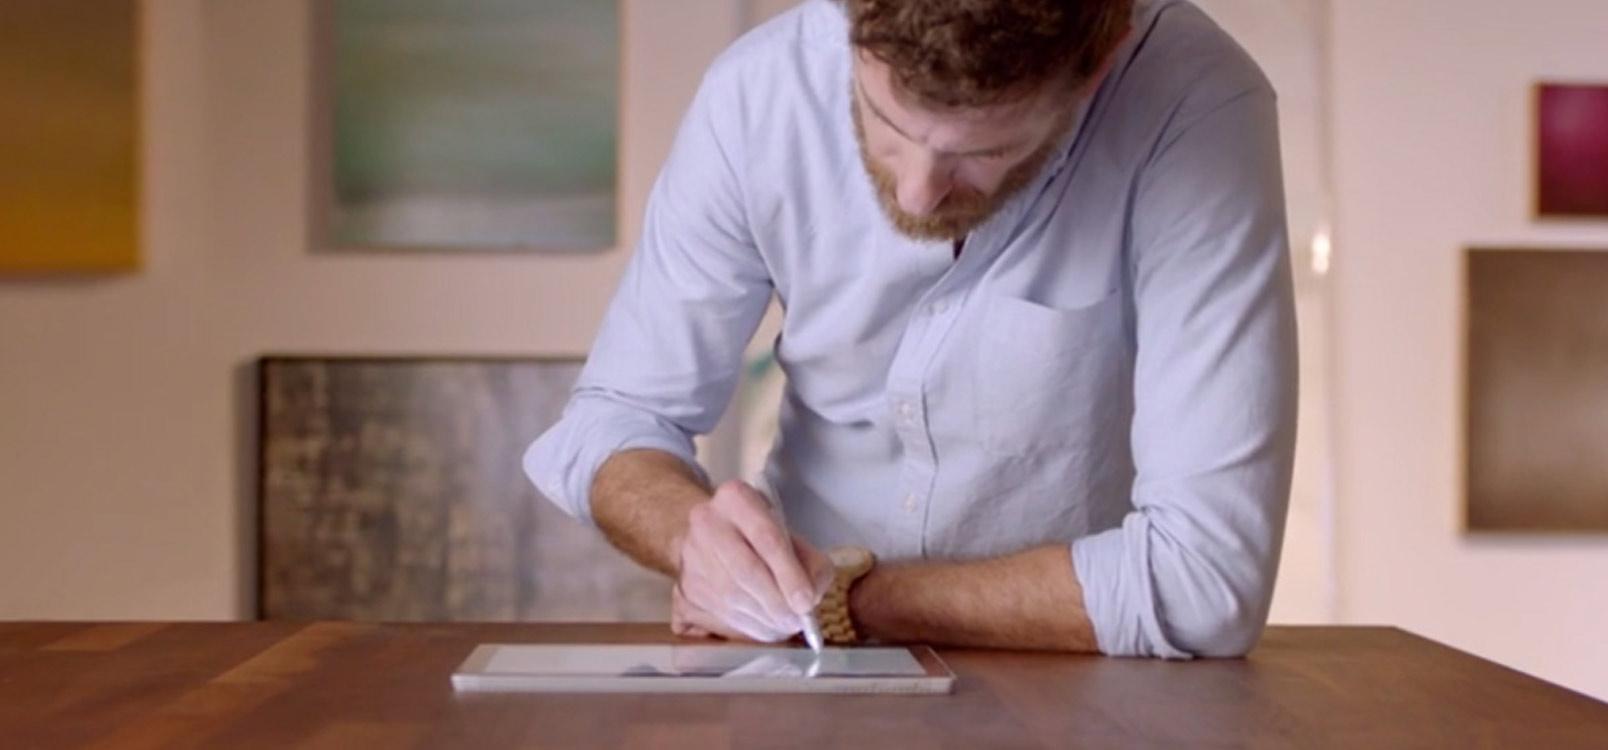 Due persone che guardano lo schermo di un telefono, scopri di più sulla collaborazione con altri in Office